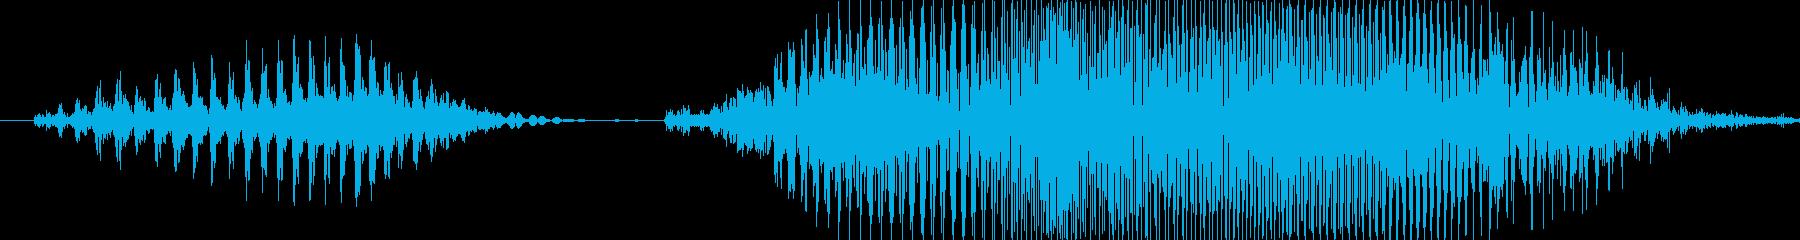 いくよっ!の再生済みの波形